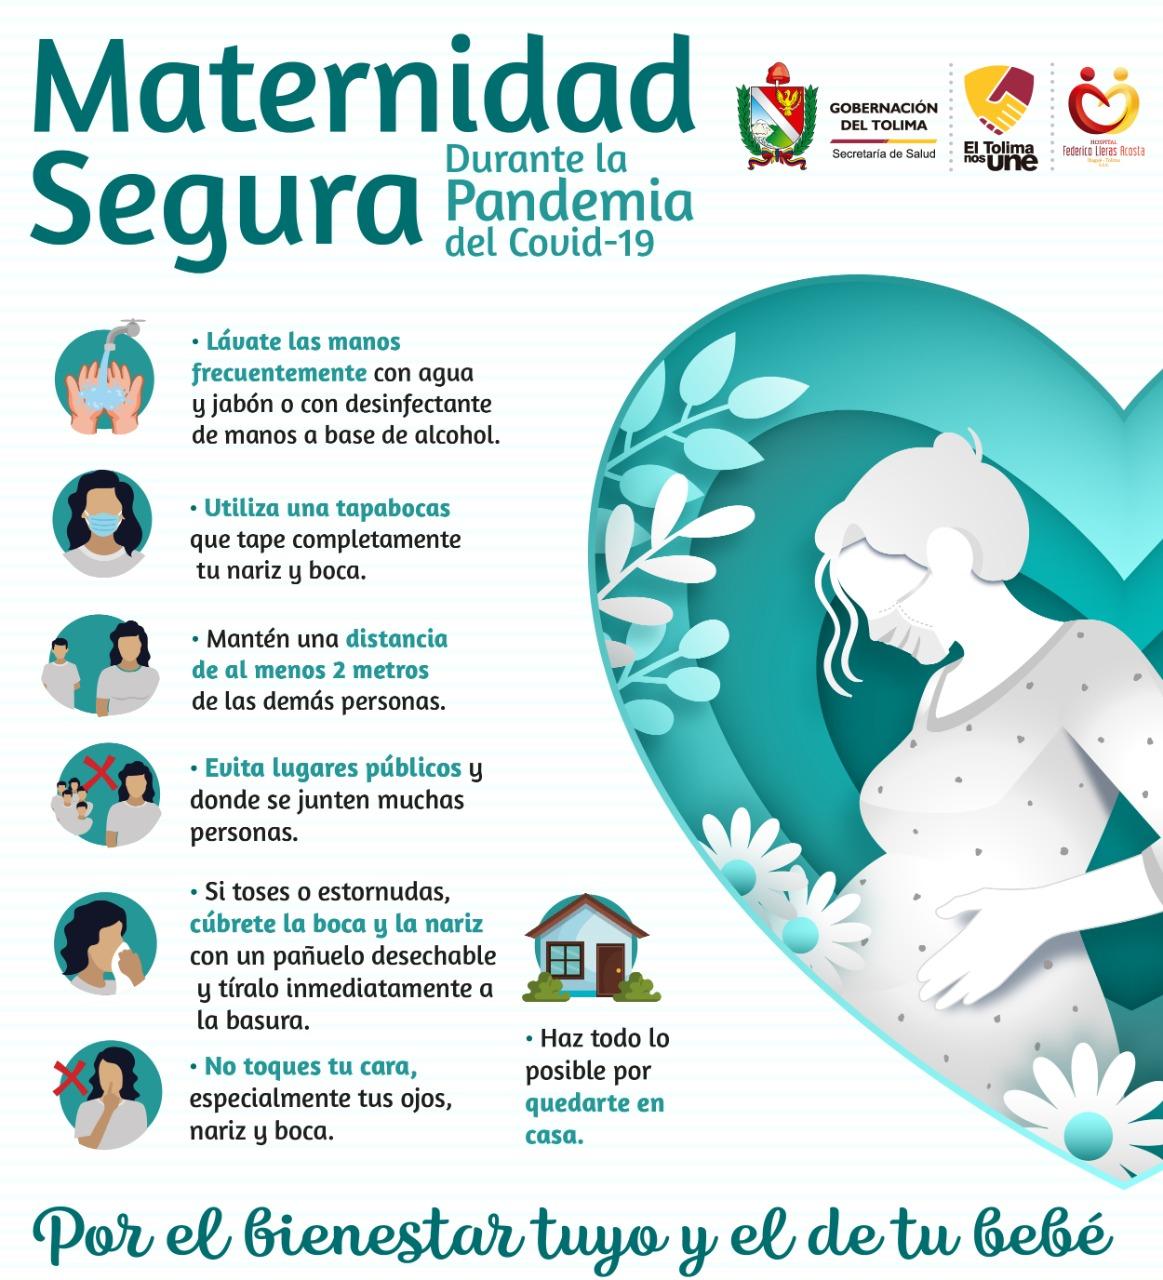 La importancia de la vacunación contra el covid- 19 en mujeres gestantes. 1